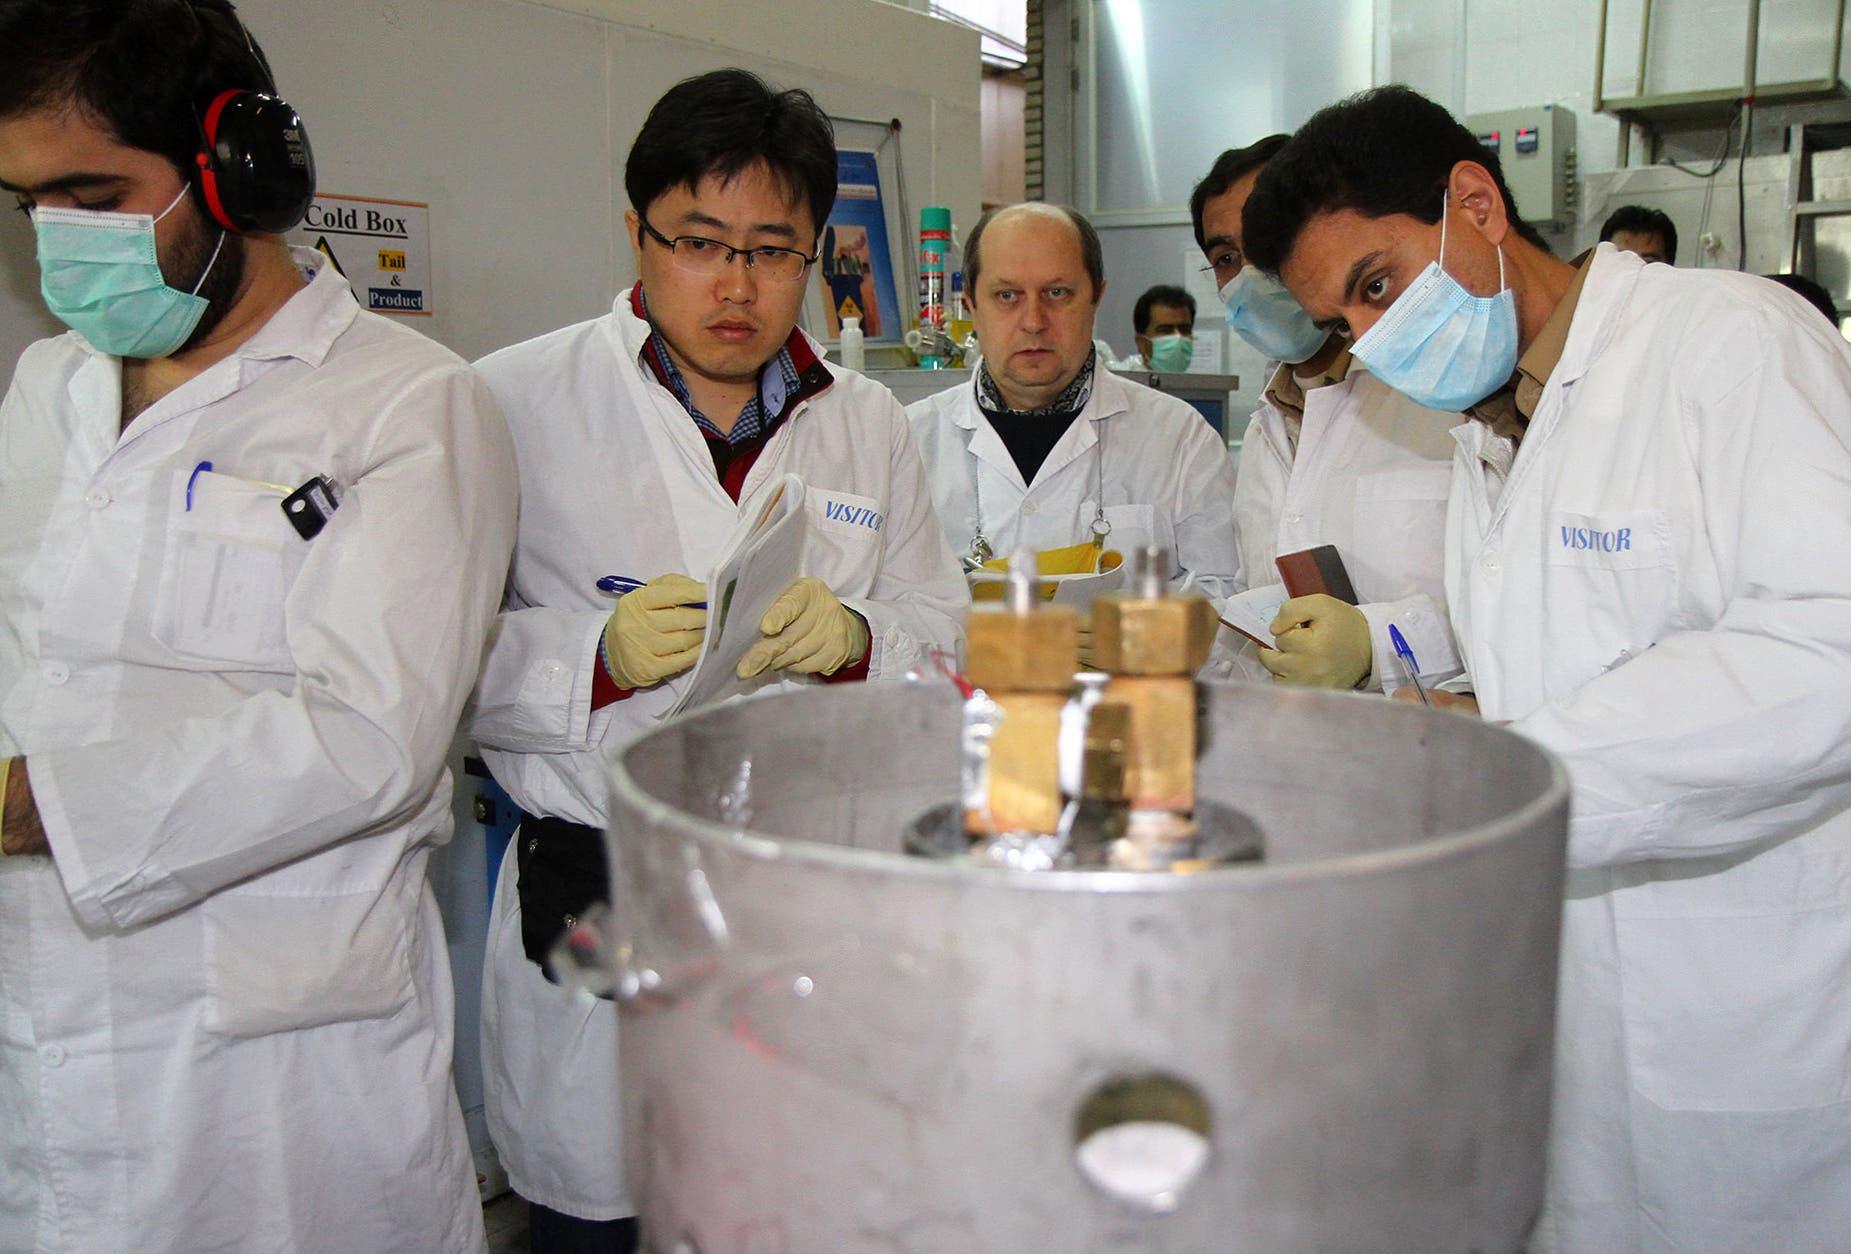 فريق من الوكالة الدولية للطاقة الذرية يقوم بعملية تفتيش لمنشأة نووية في إيران في 2014